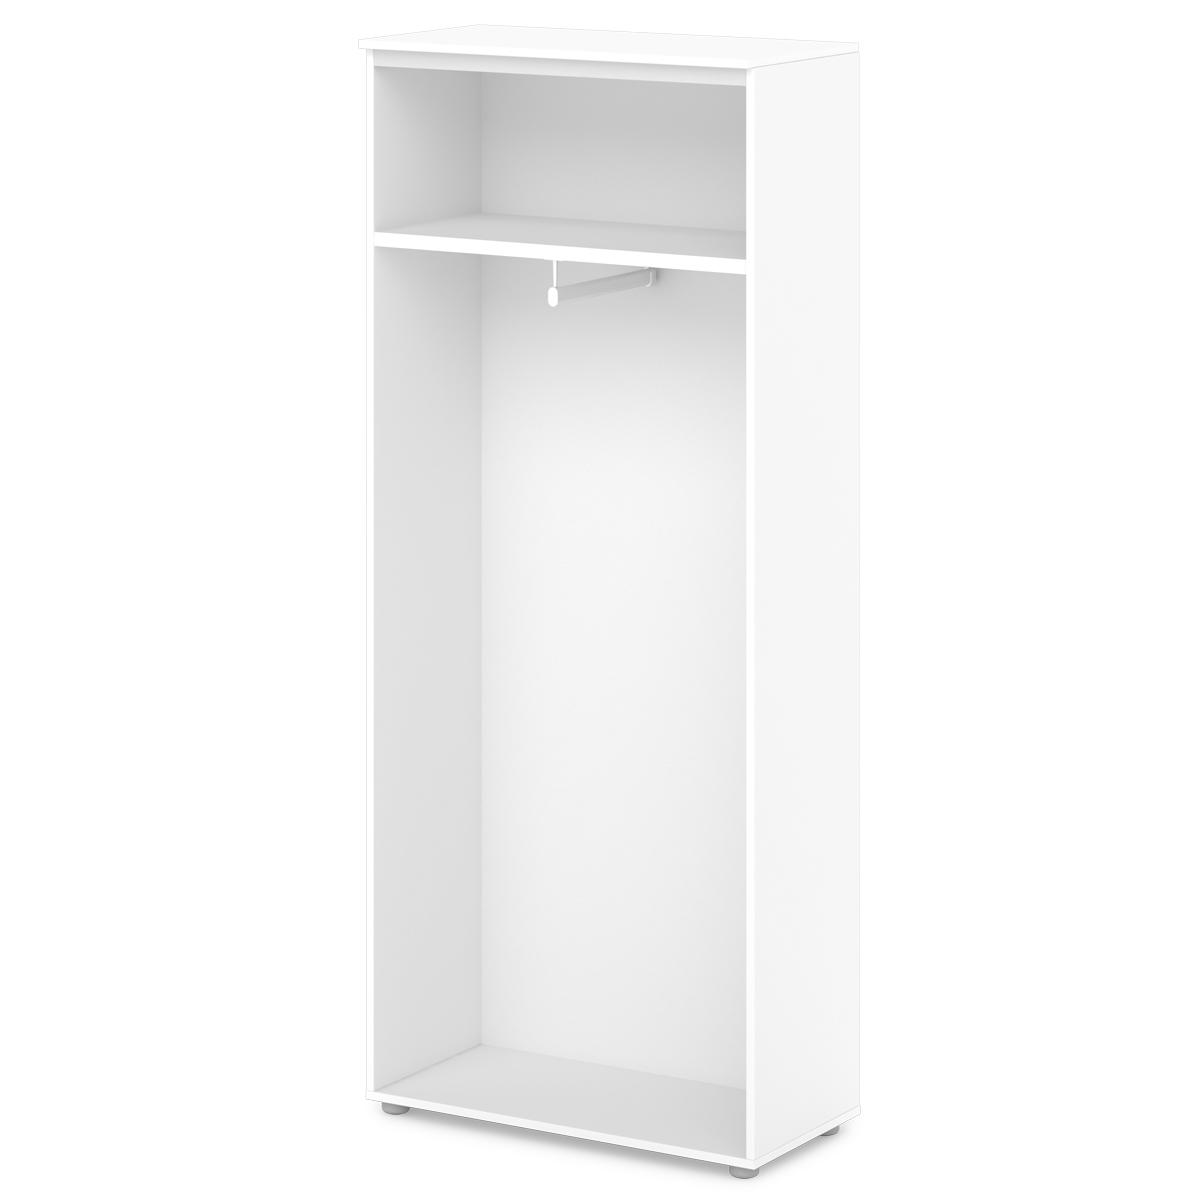 Каркас шкафа для одежды S-76 Sentida